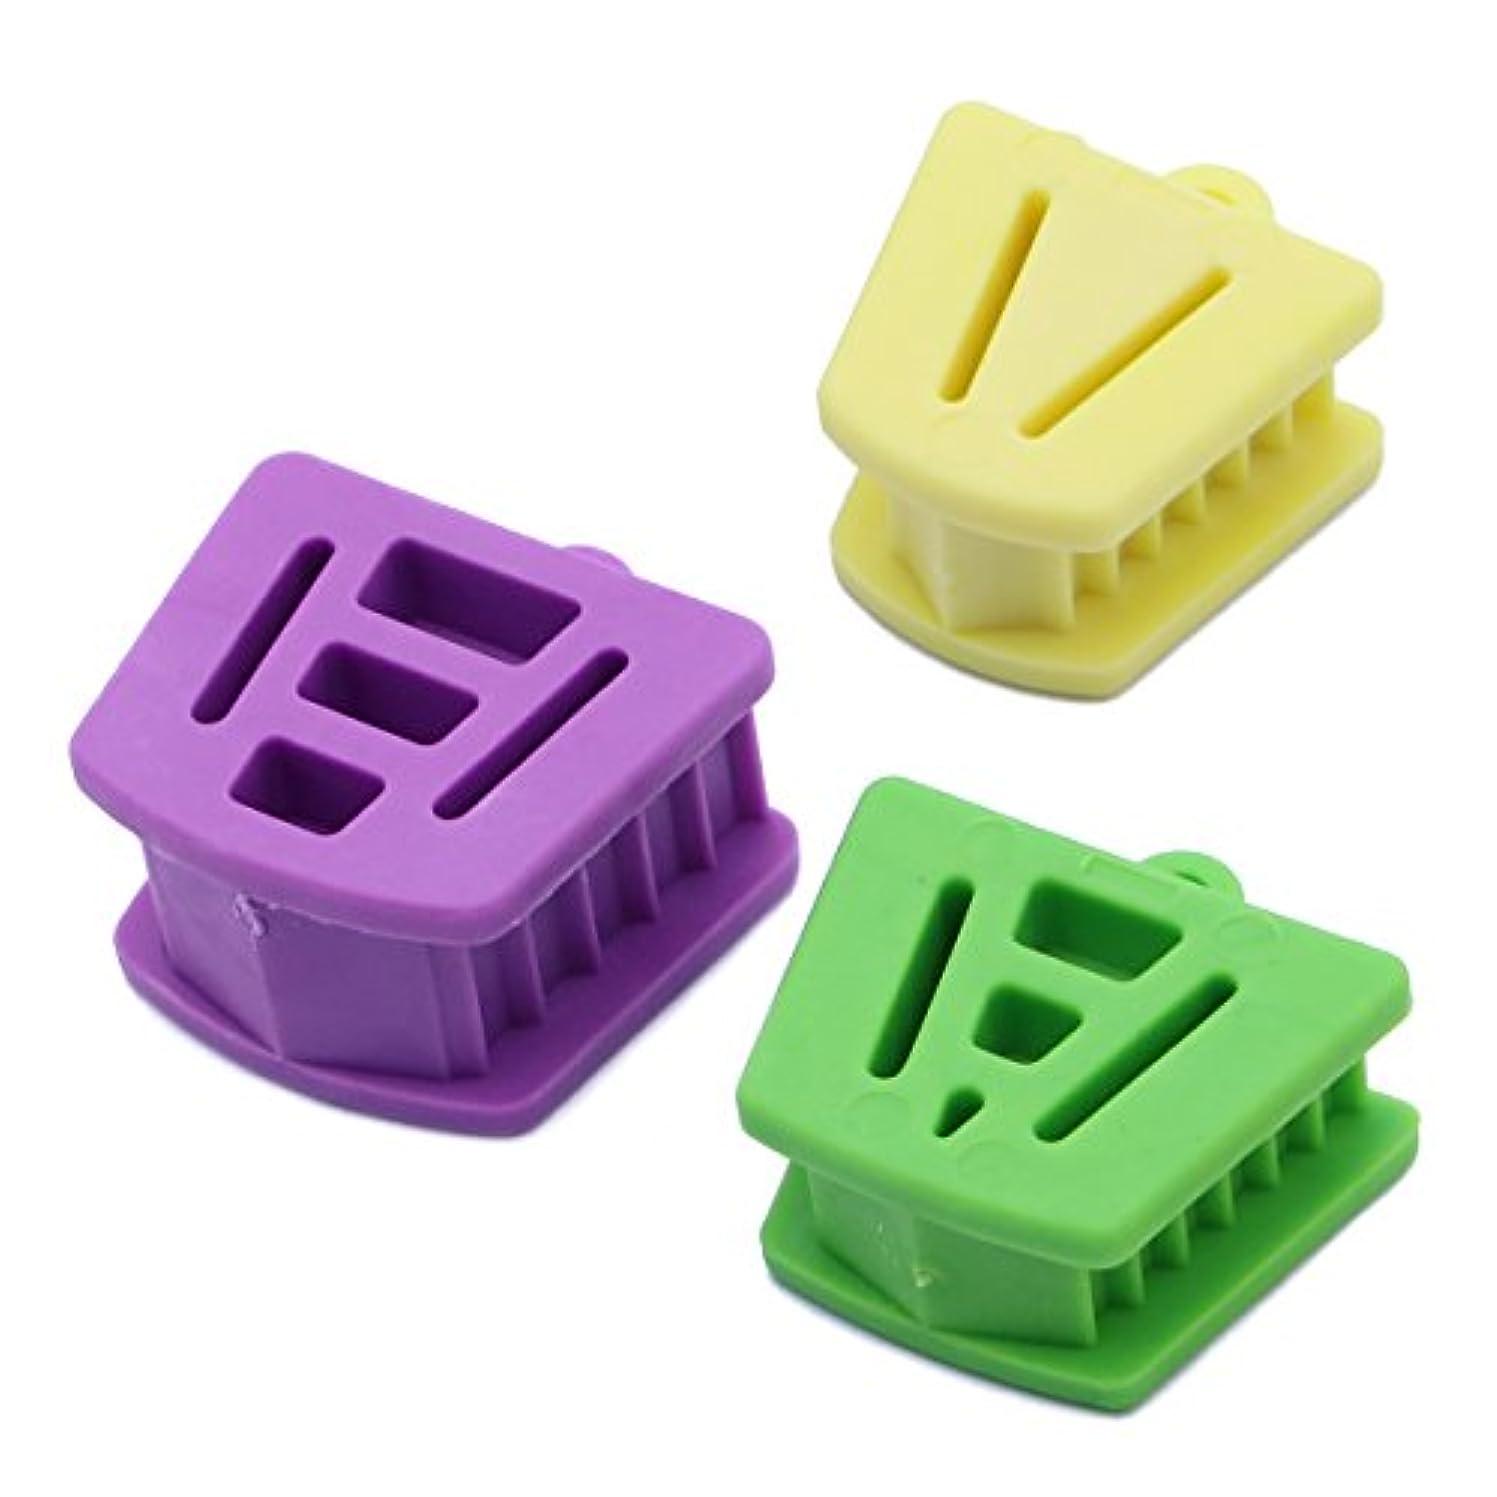 漏斗過度にヘルメットHealifty 3個/パック口プロップバイトブロック歯科口腔内支持矯正用アクセサリー